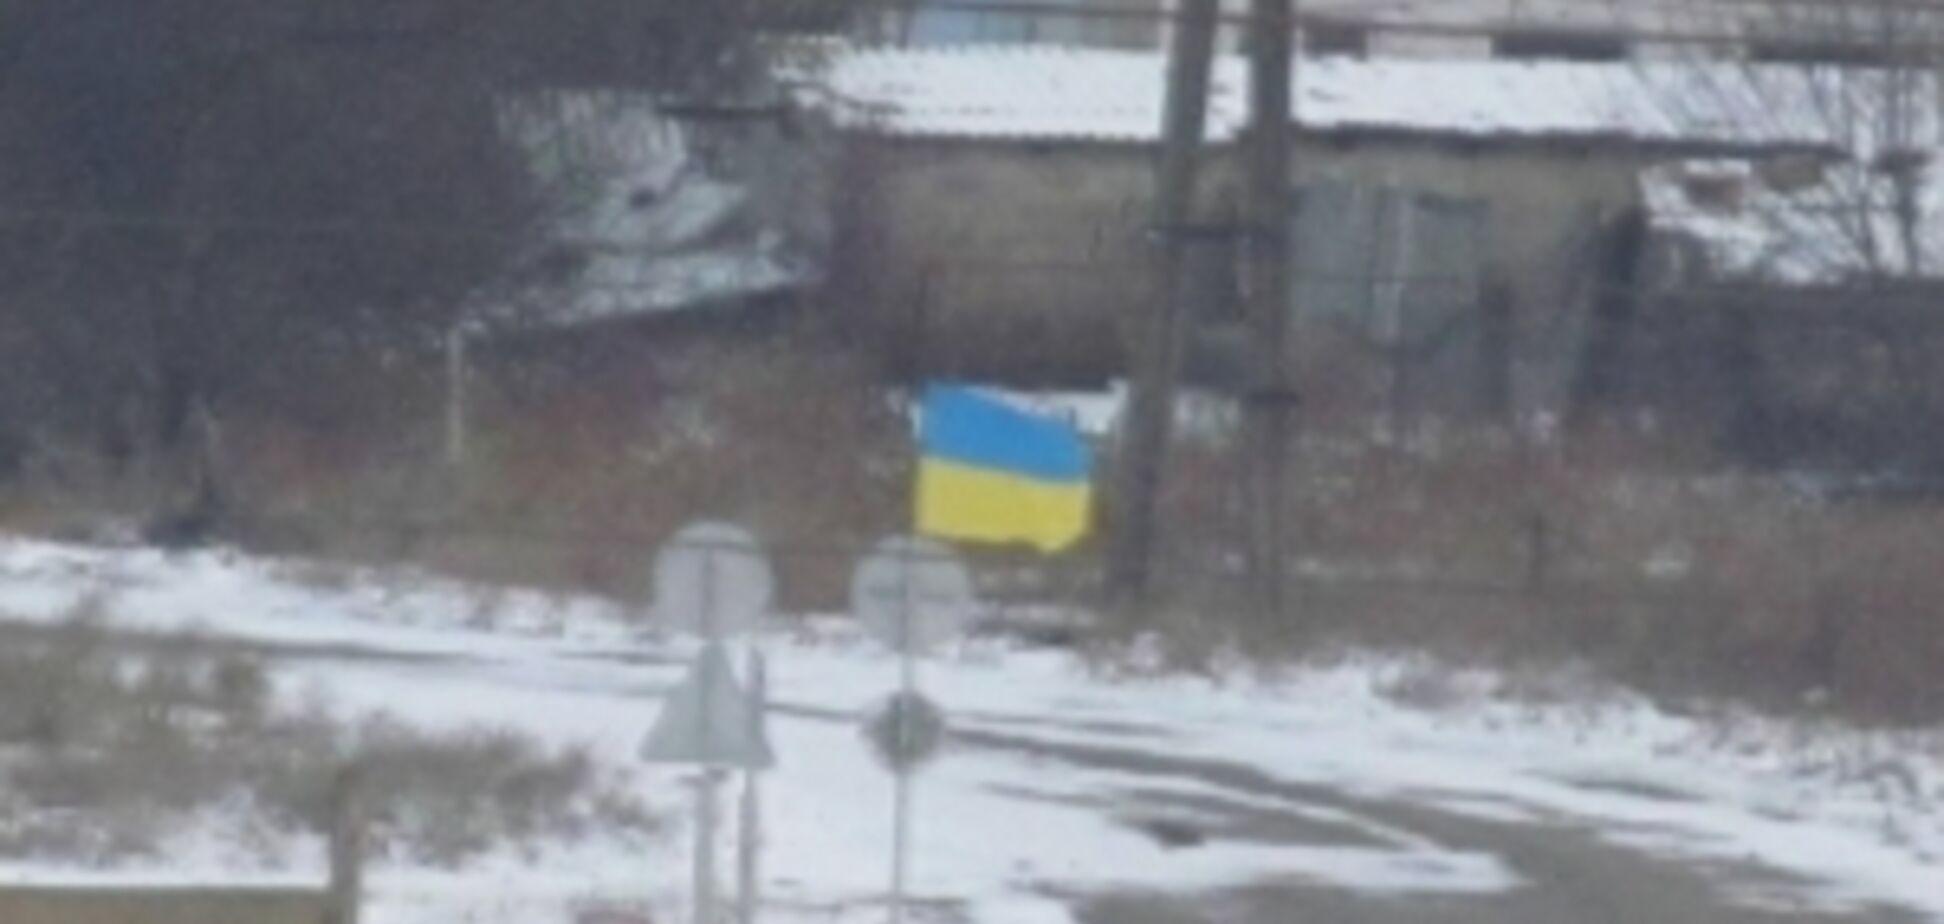 Бойцы АТО совершили прорыв под Станицей Луганской и вышли на границу с Россией - нардеп